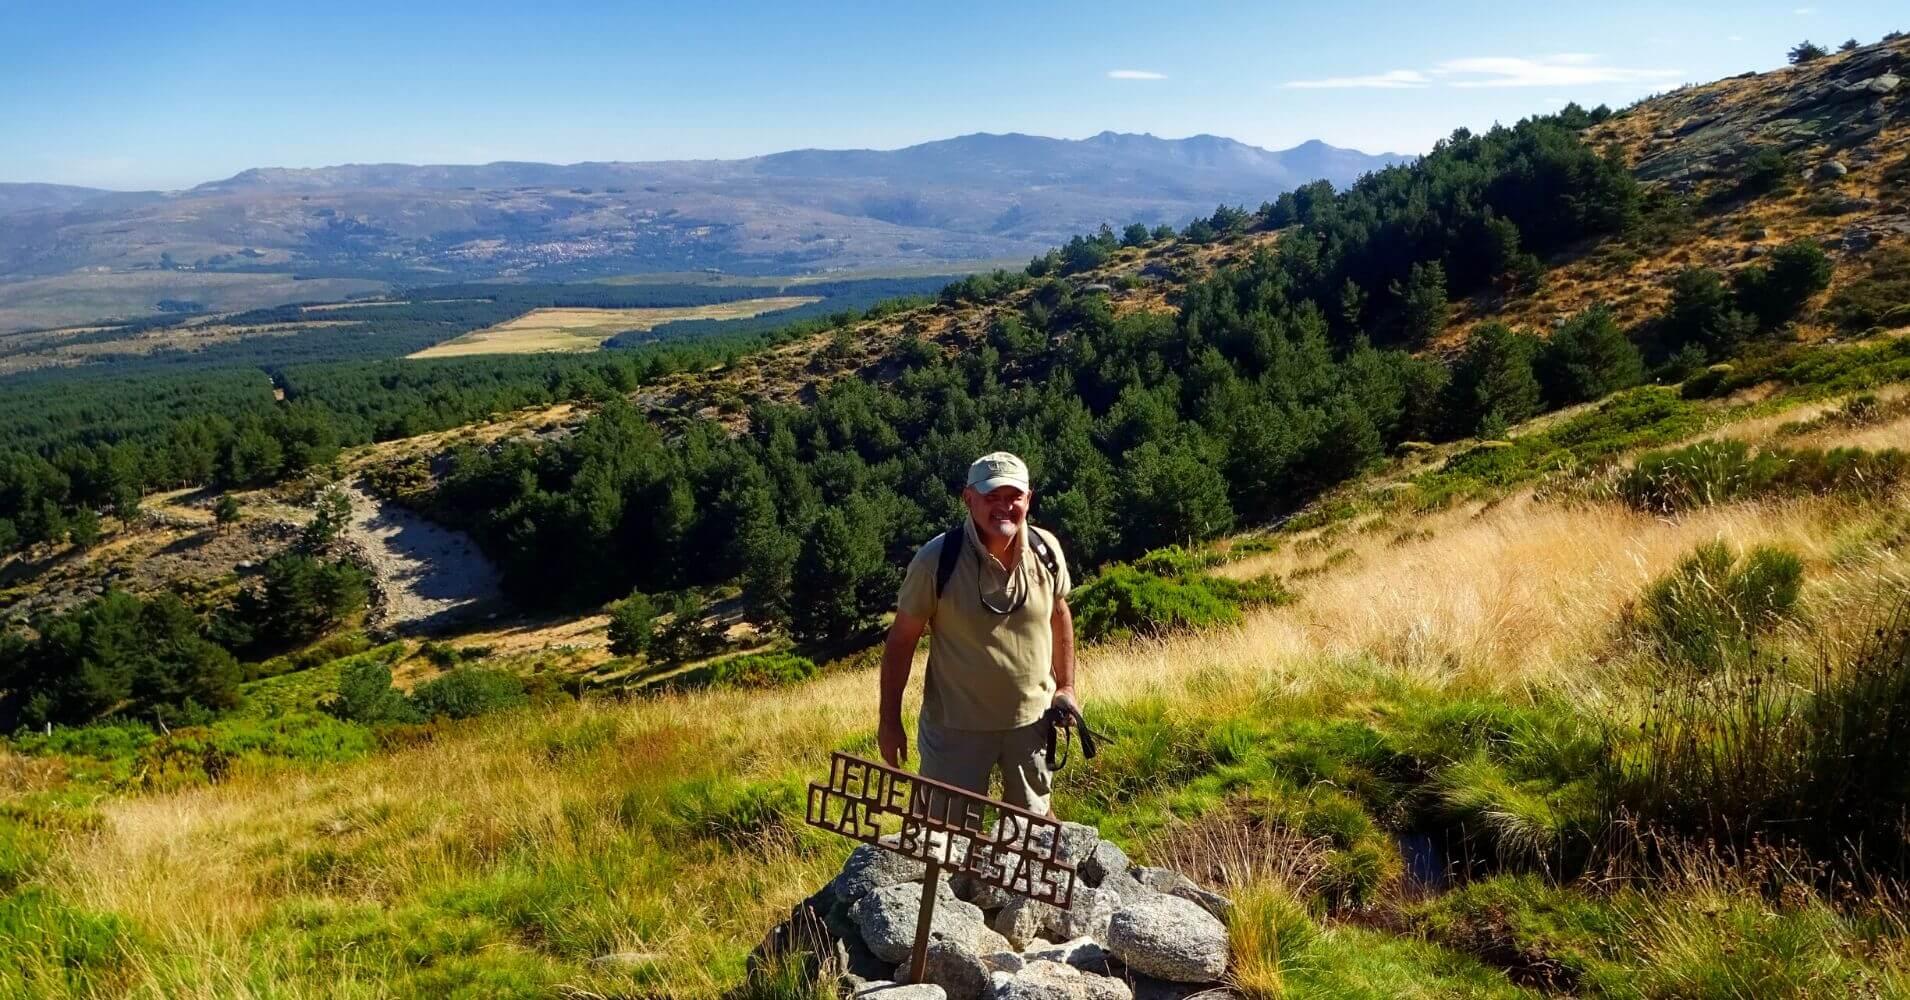 Fuente de las Belesas. Subida al Pico Torozo, Sierra de Gredos, Ávila. Castilla y León.